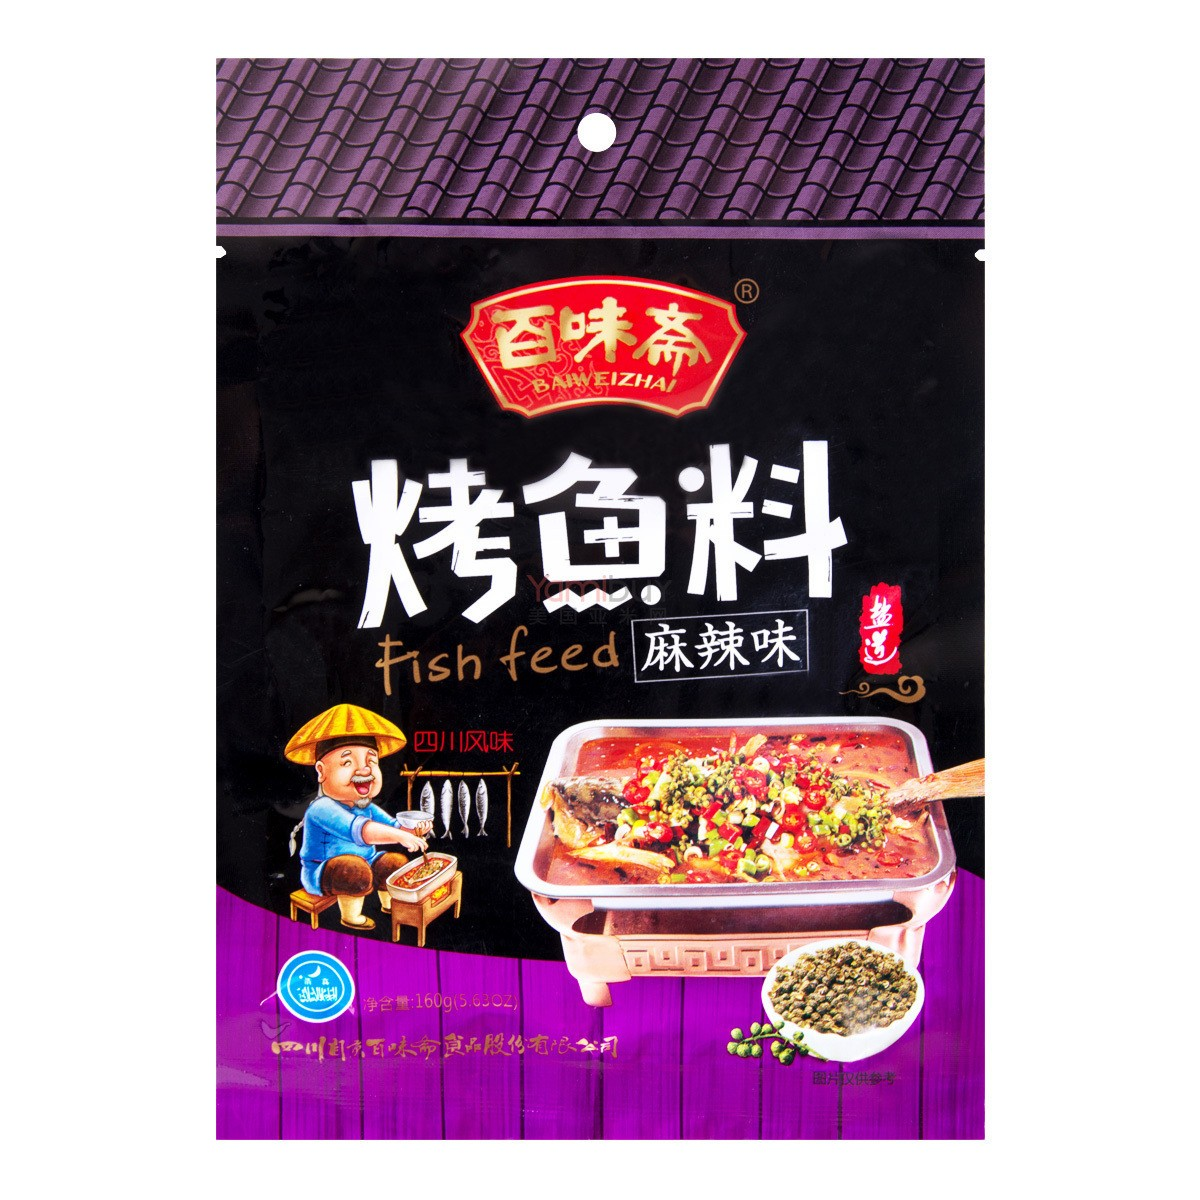 百味斋 烤鱼料 麻辣味 160g